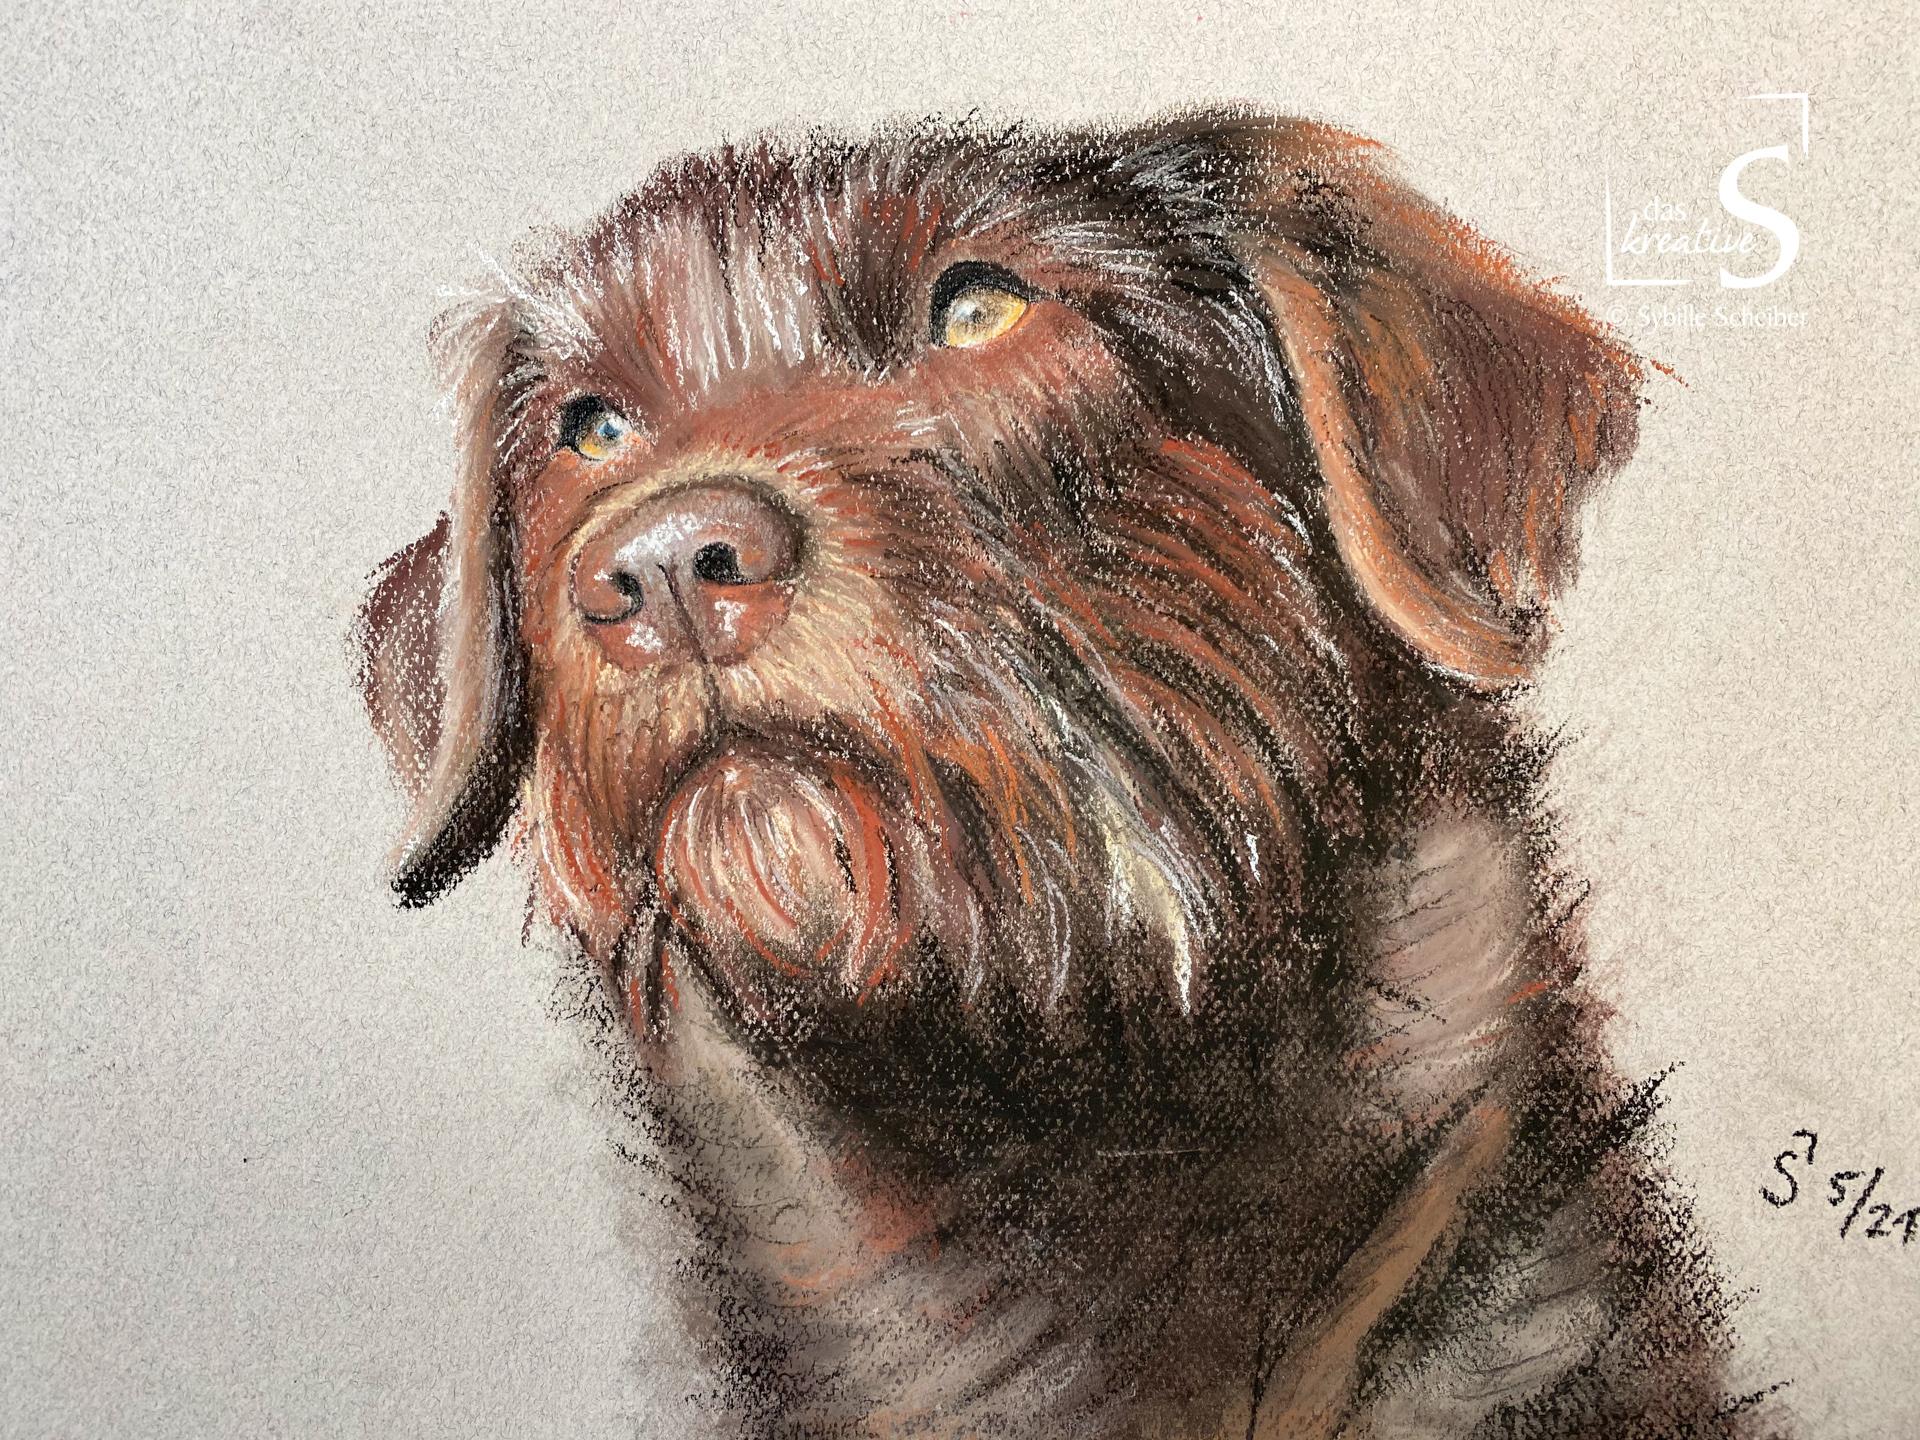 Kreidezeichnung eines Hundes